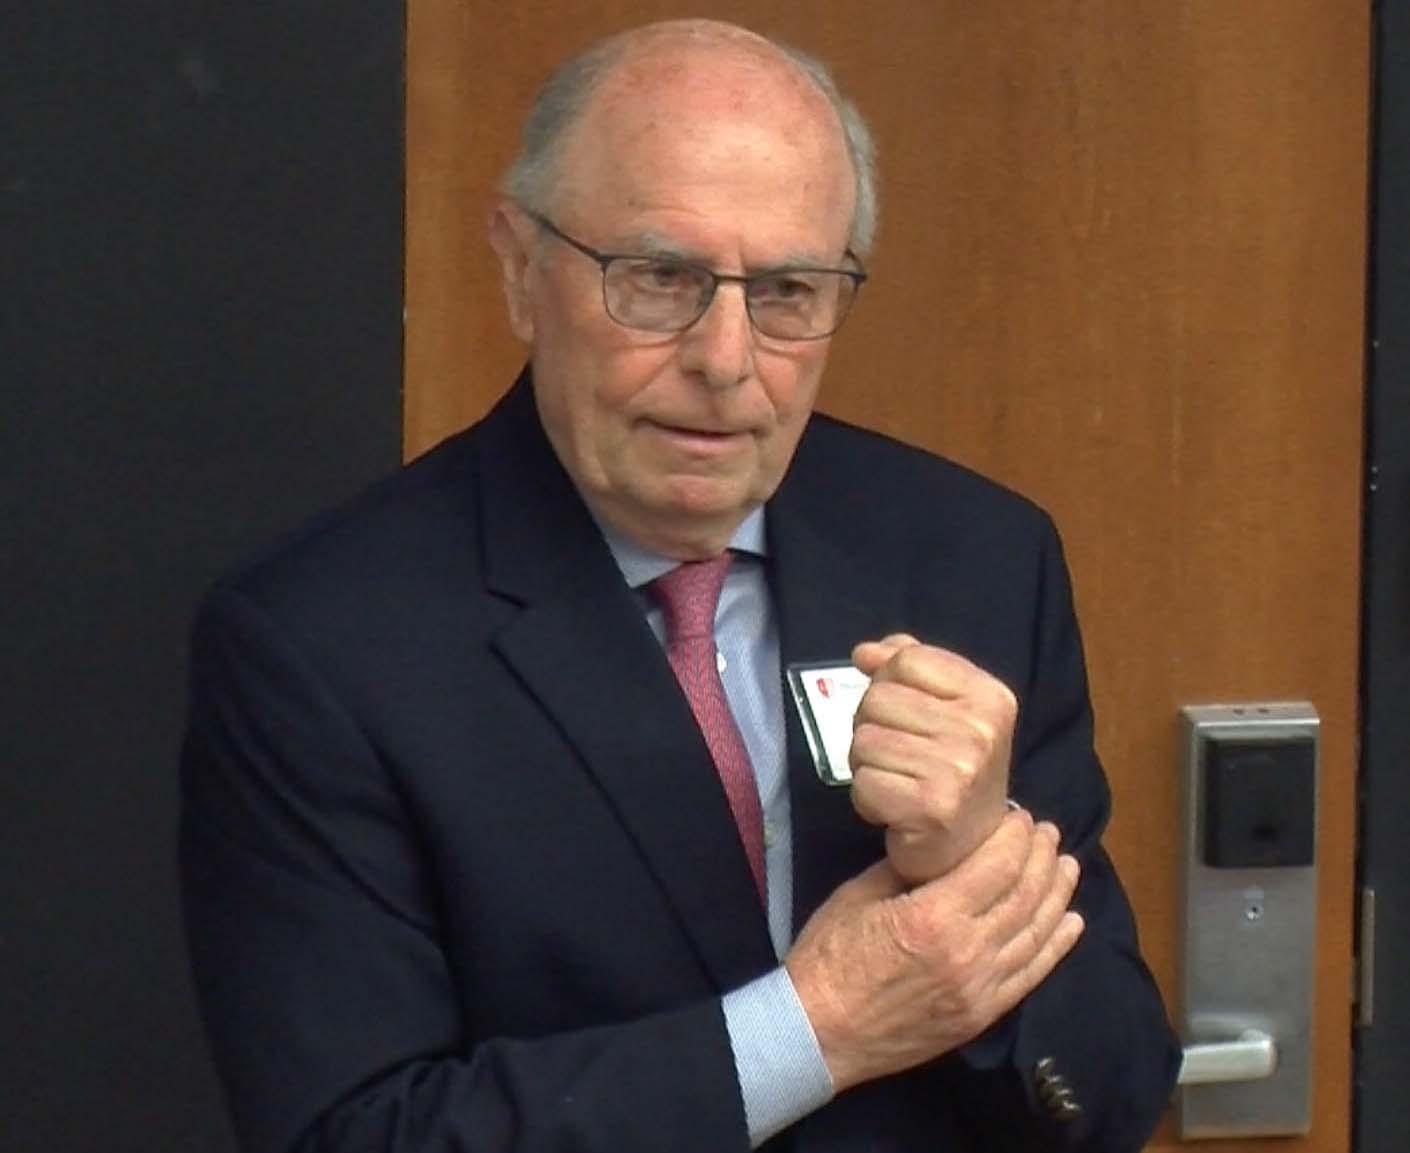 Center for Italian Studies Director Mario Mignone